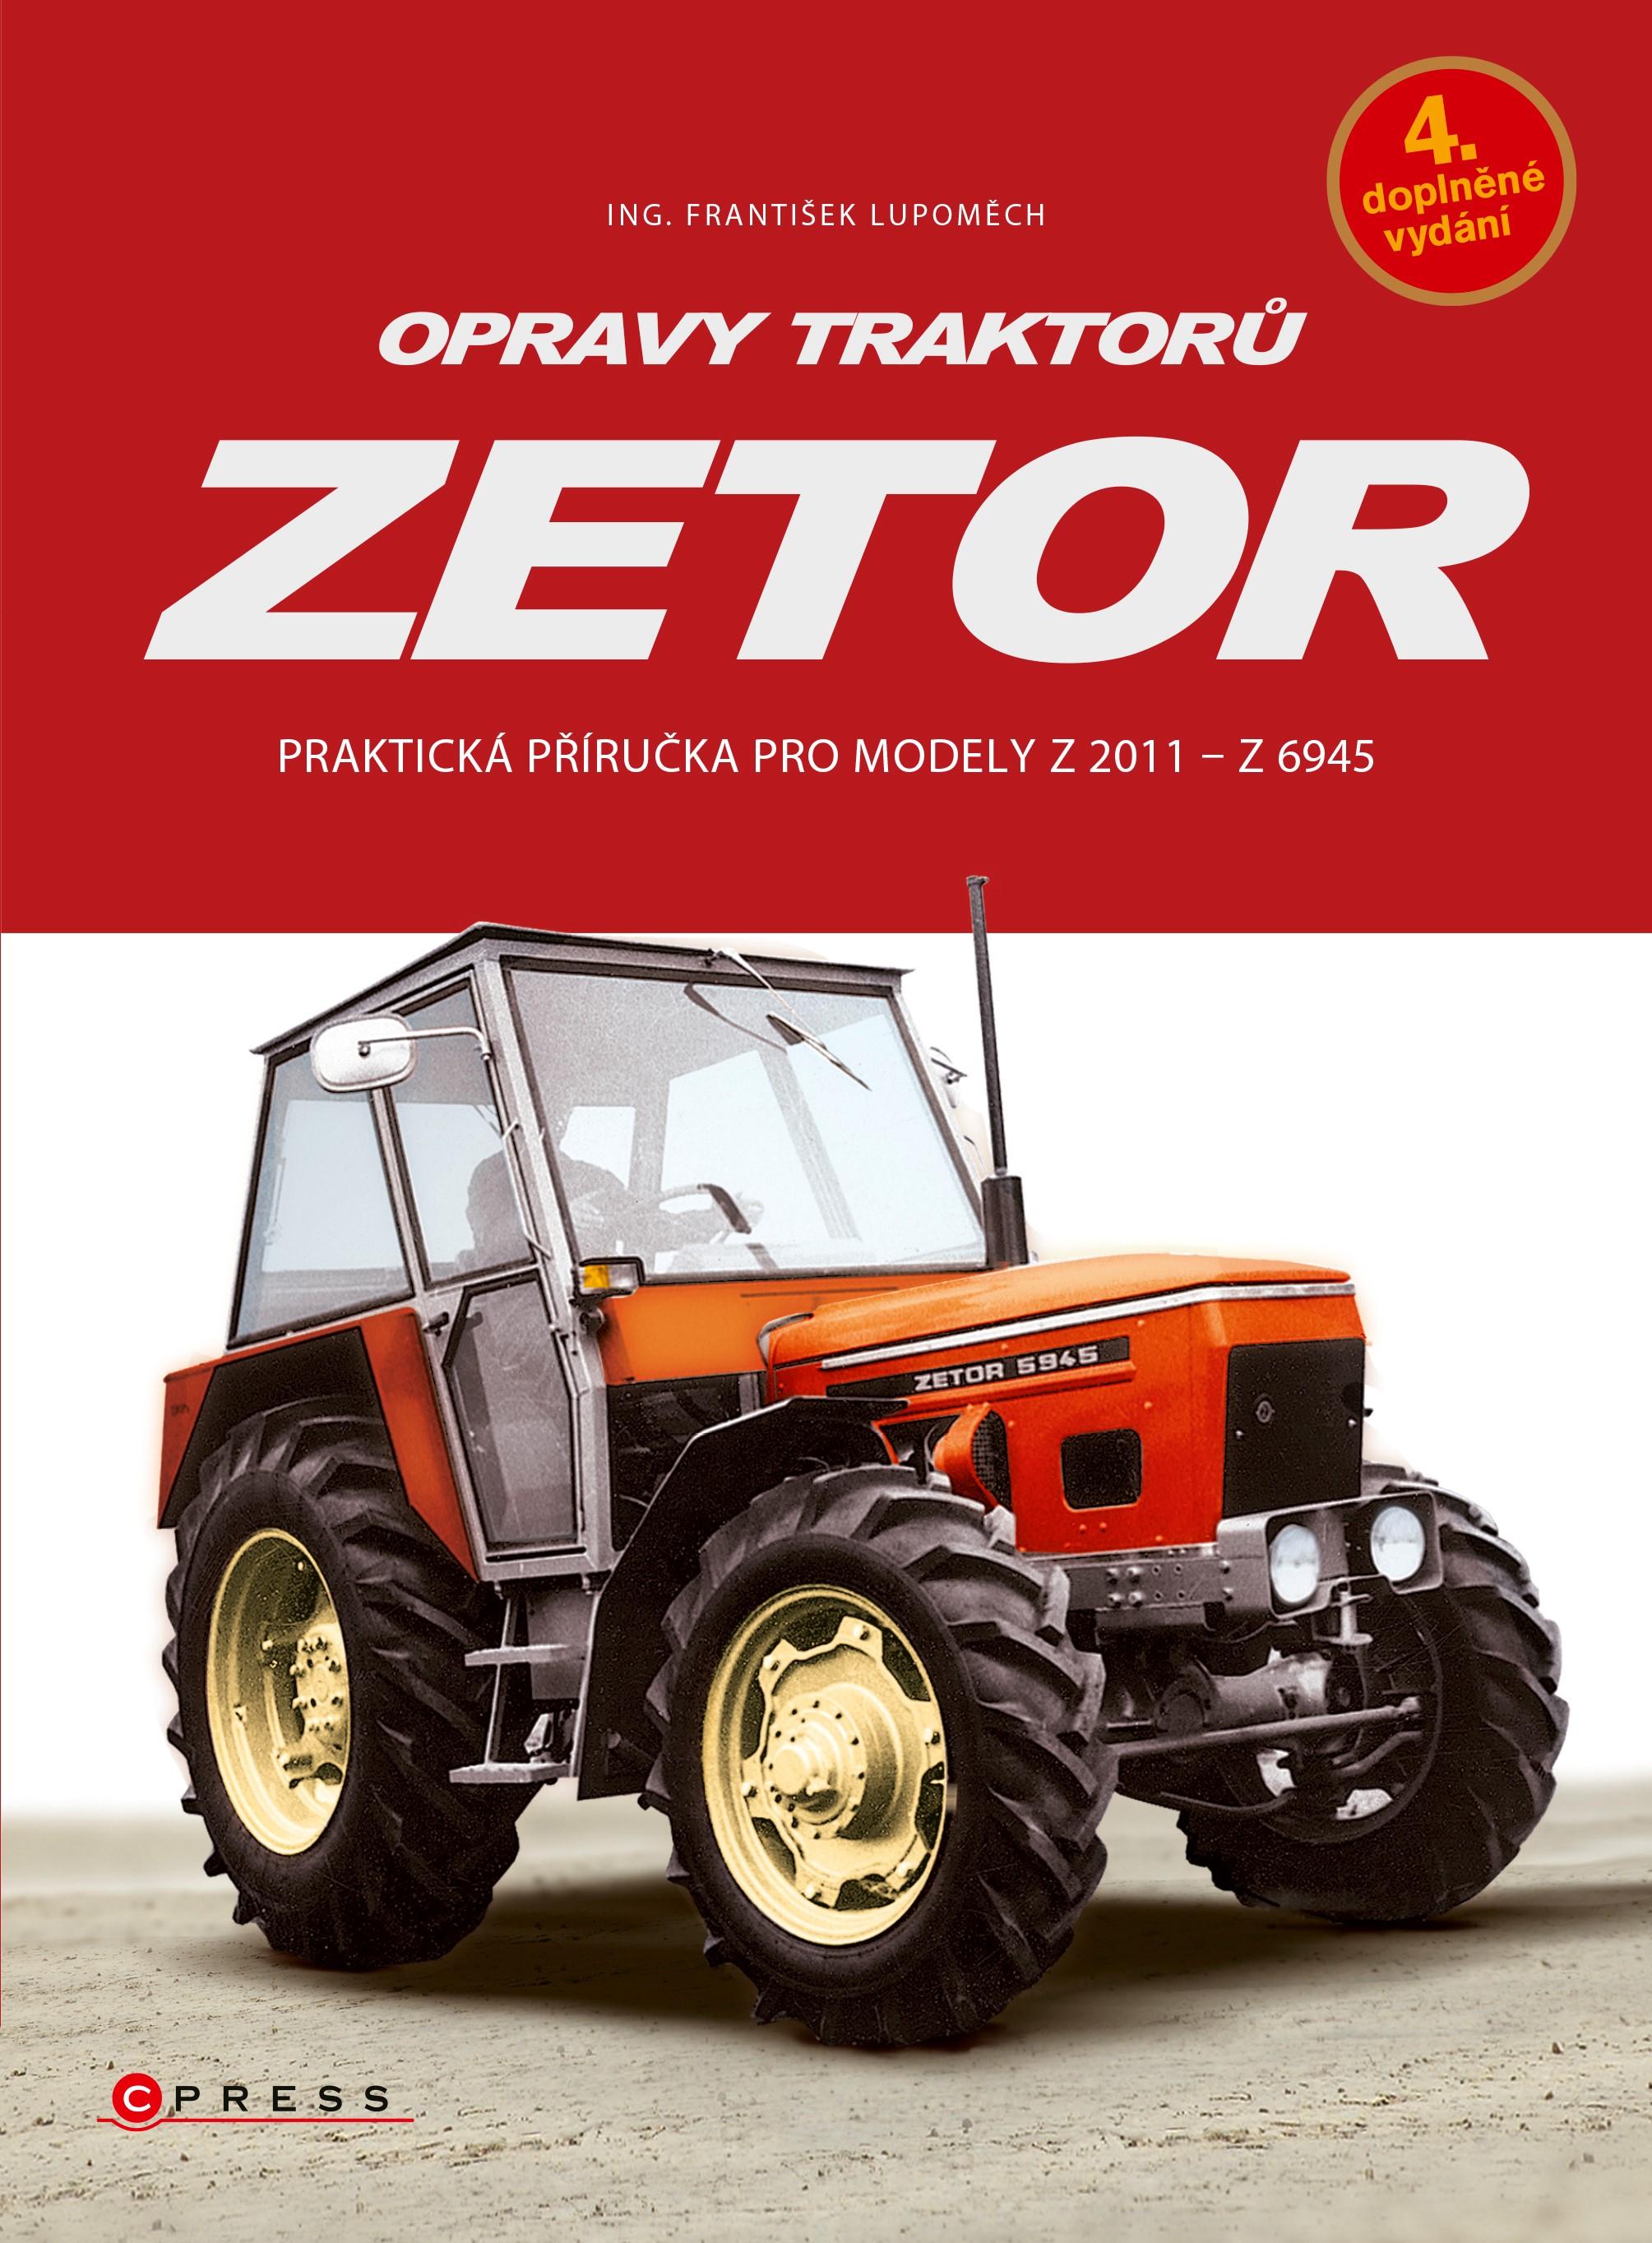 Opravy traktorů Zetor | František Lupoměch